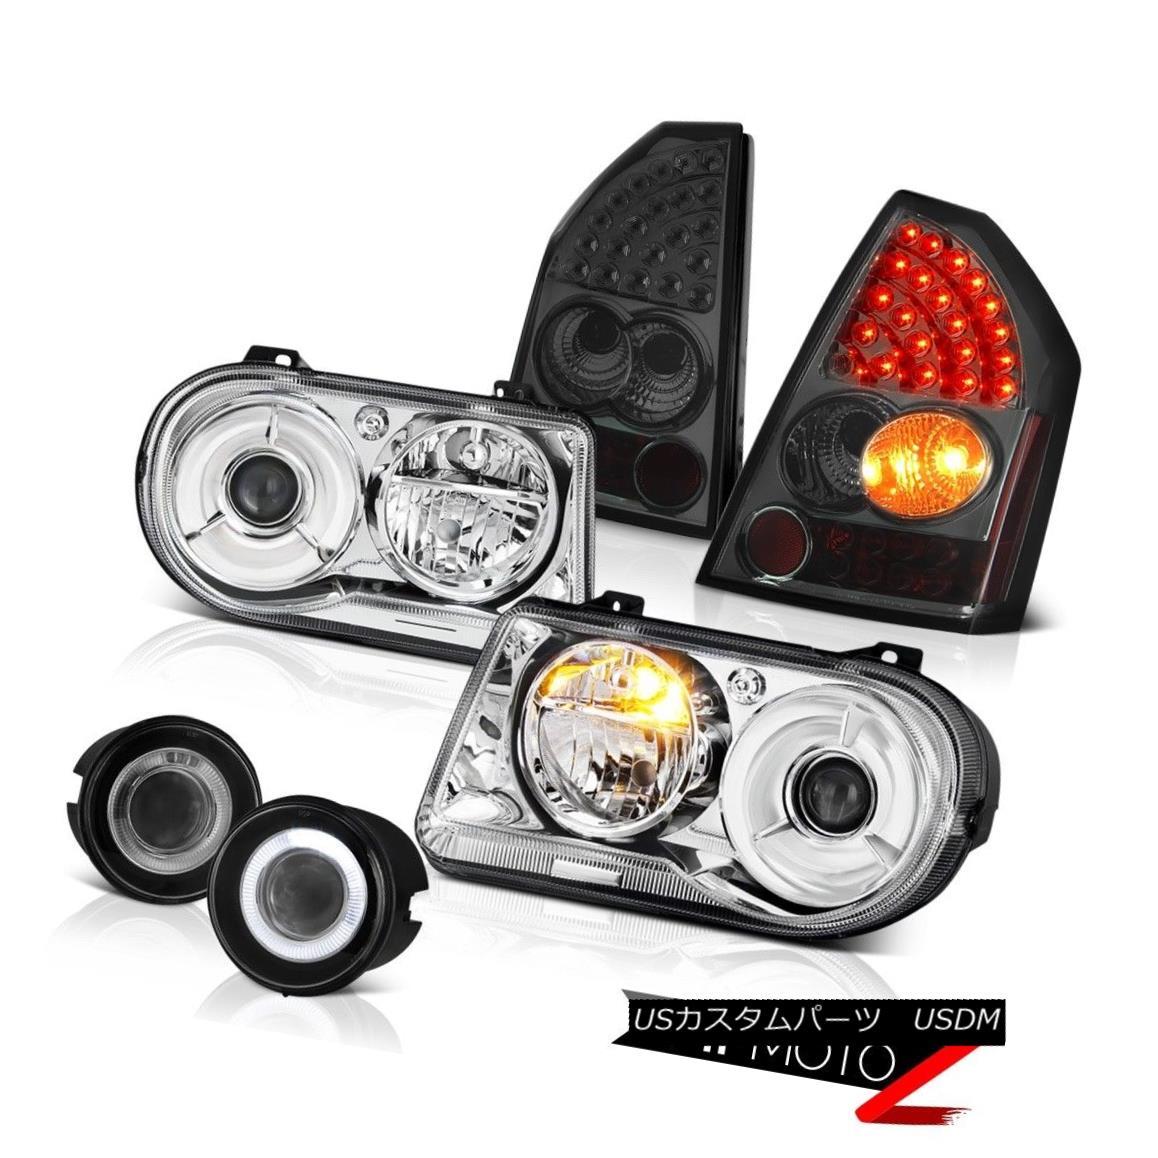 テールライト Headlight Clear Headlamps LED Tail Light Foglamps 2005-2007 Chrysler 300C 5.7L ヘッドライトクリアヘッドランプLEDテールライトFoglamps 2005-2007 Chrysler 300C 5.7L